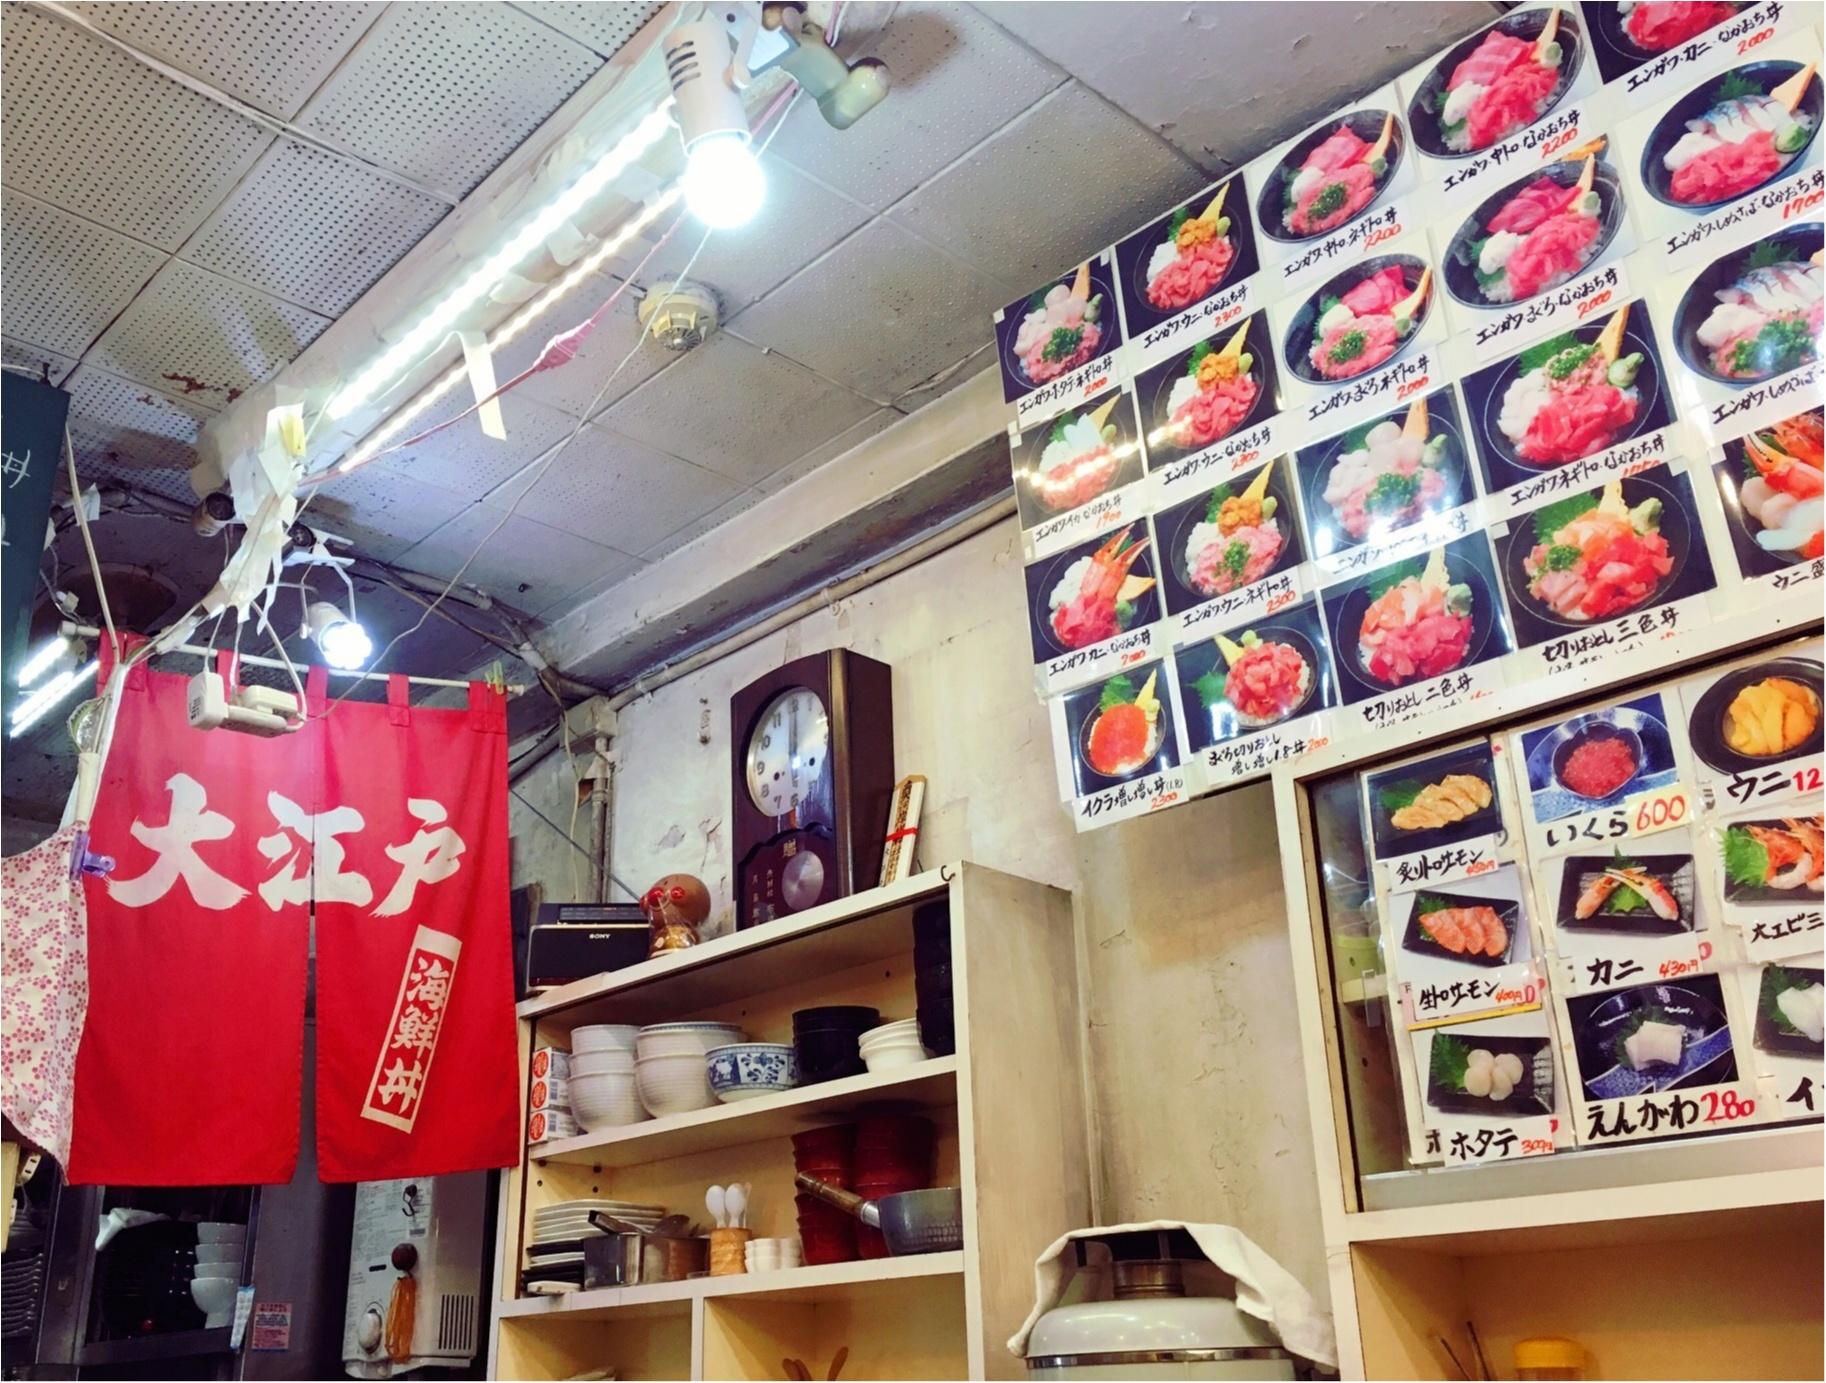 【東京グルメ▶︎築地】海鮮丼を築地場内で食べるならココがオススメ!!_1